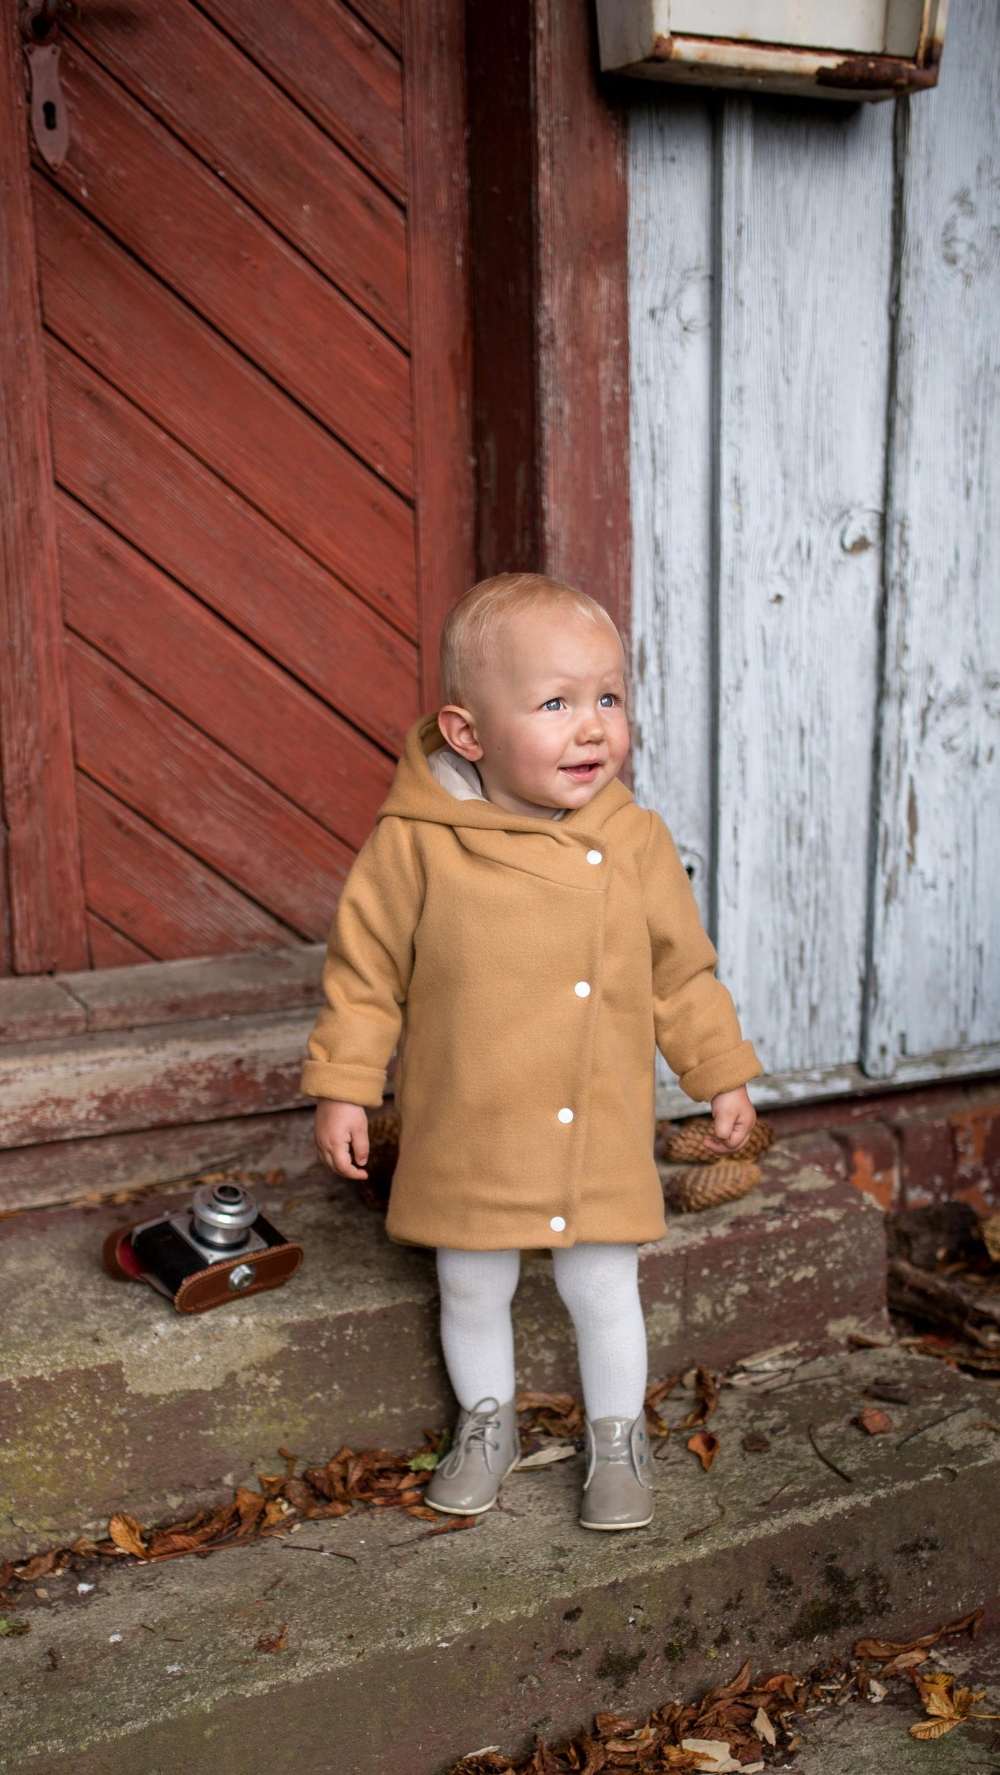 Pin On Children Spring Coats And Jackets Plaszcze I Kurtki Wiosenne I Jesienne